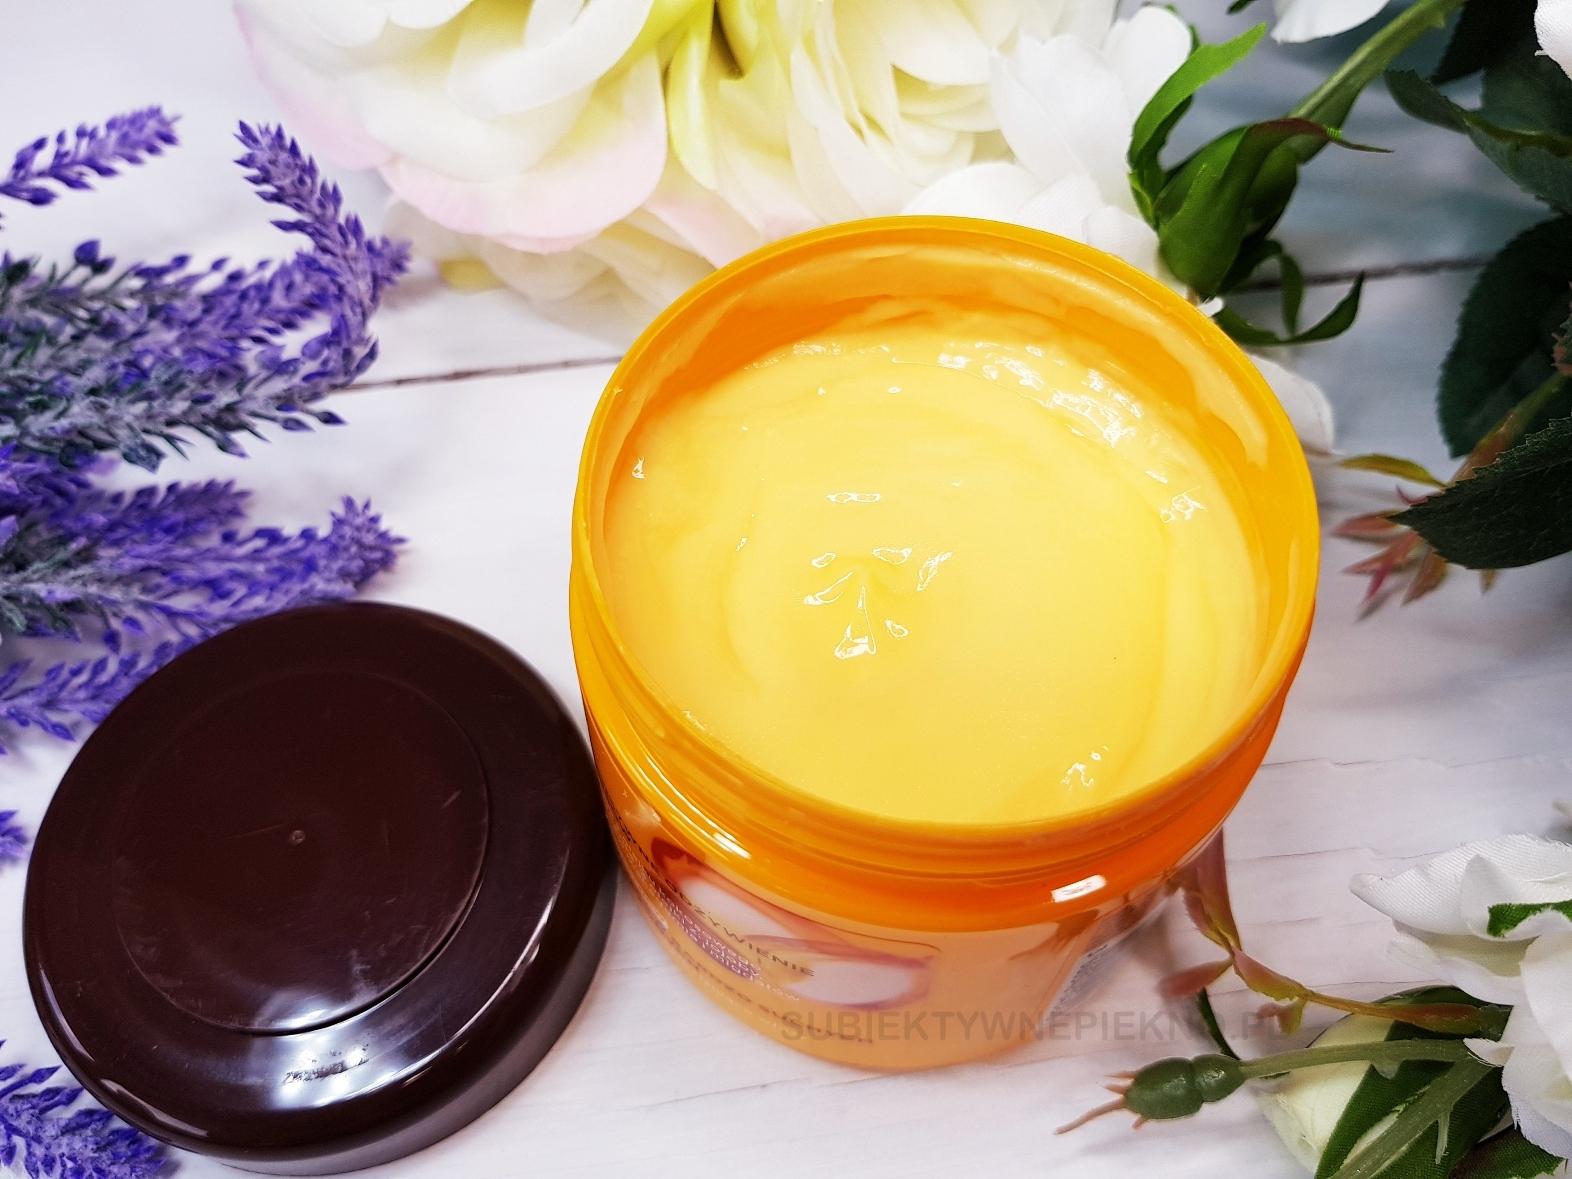 Wzmacniająca maska do włosów Garnier Fructis Oil Repair 3. Blog, opinie, działanie